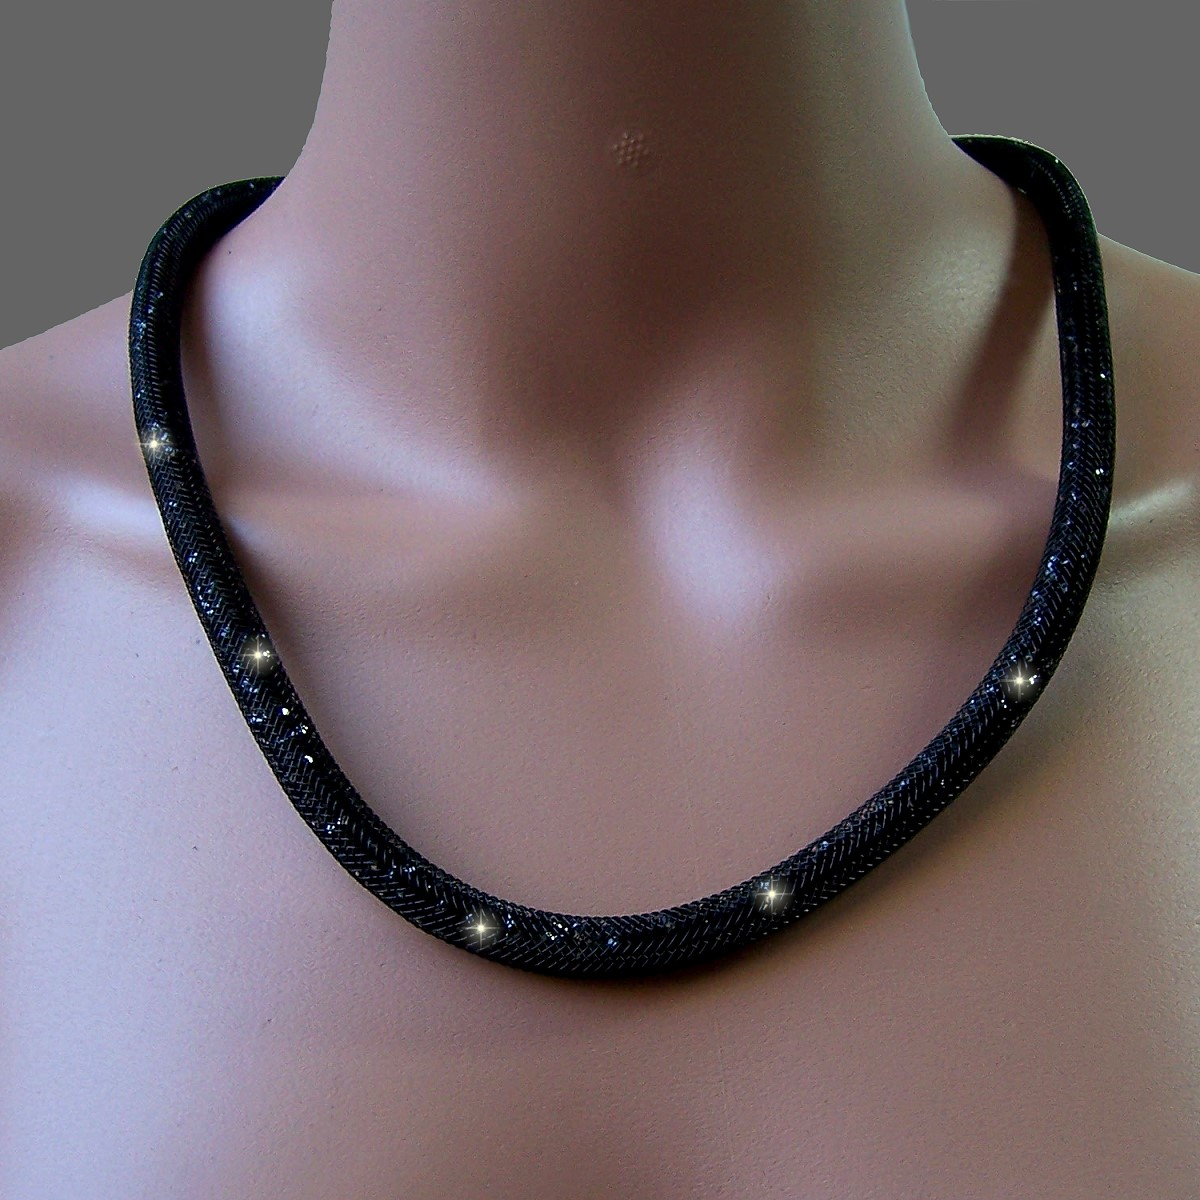 K602# Collier 58cm lang Strasskristalle schwarz in 3D-Netzschlauch